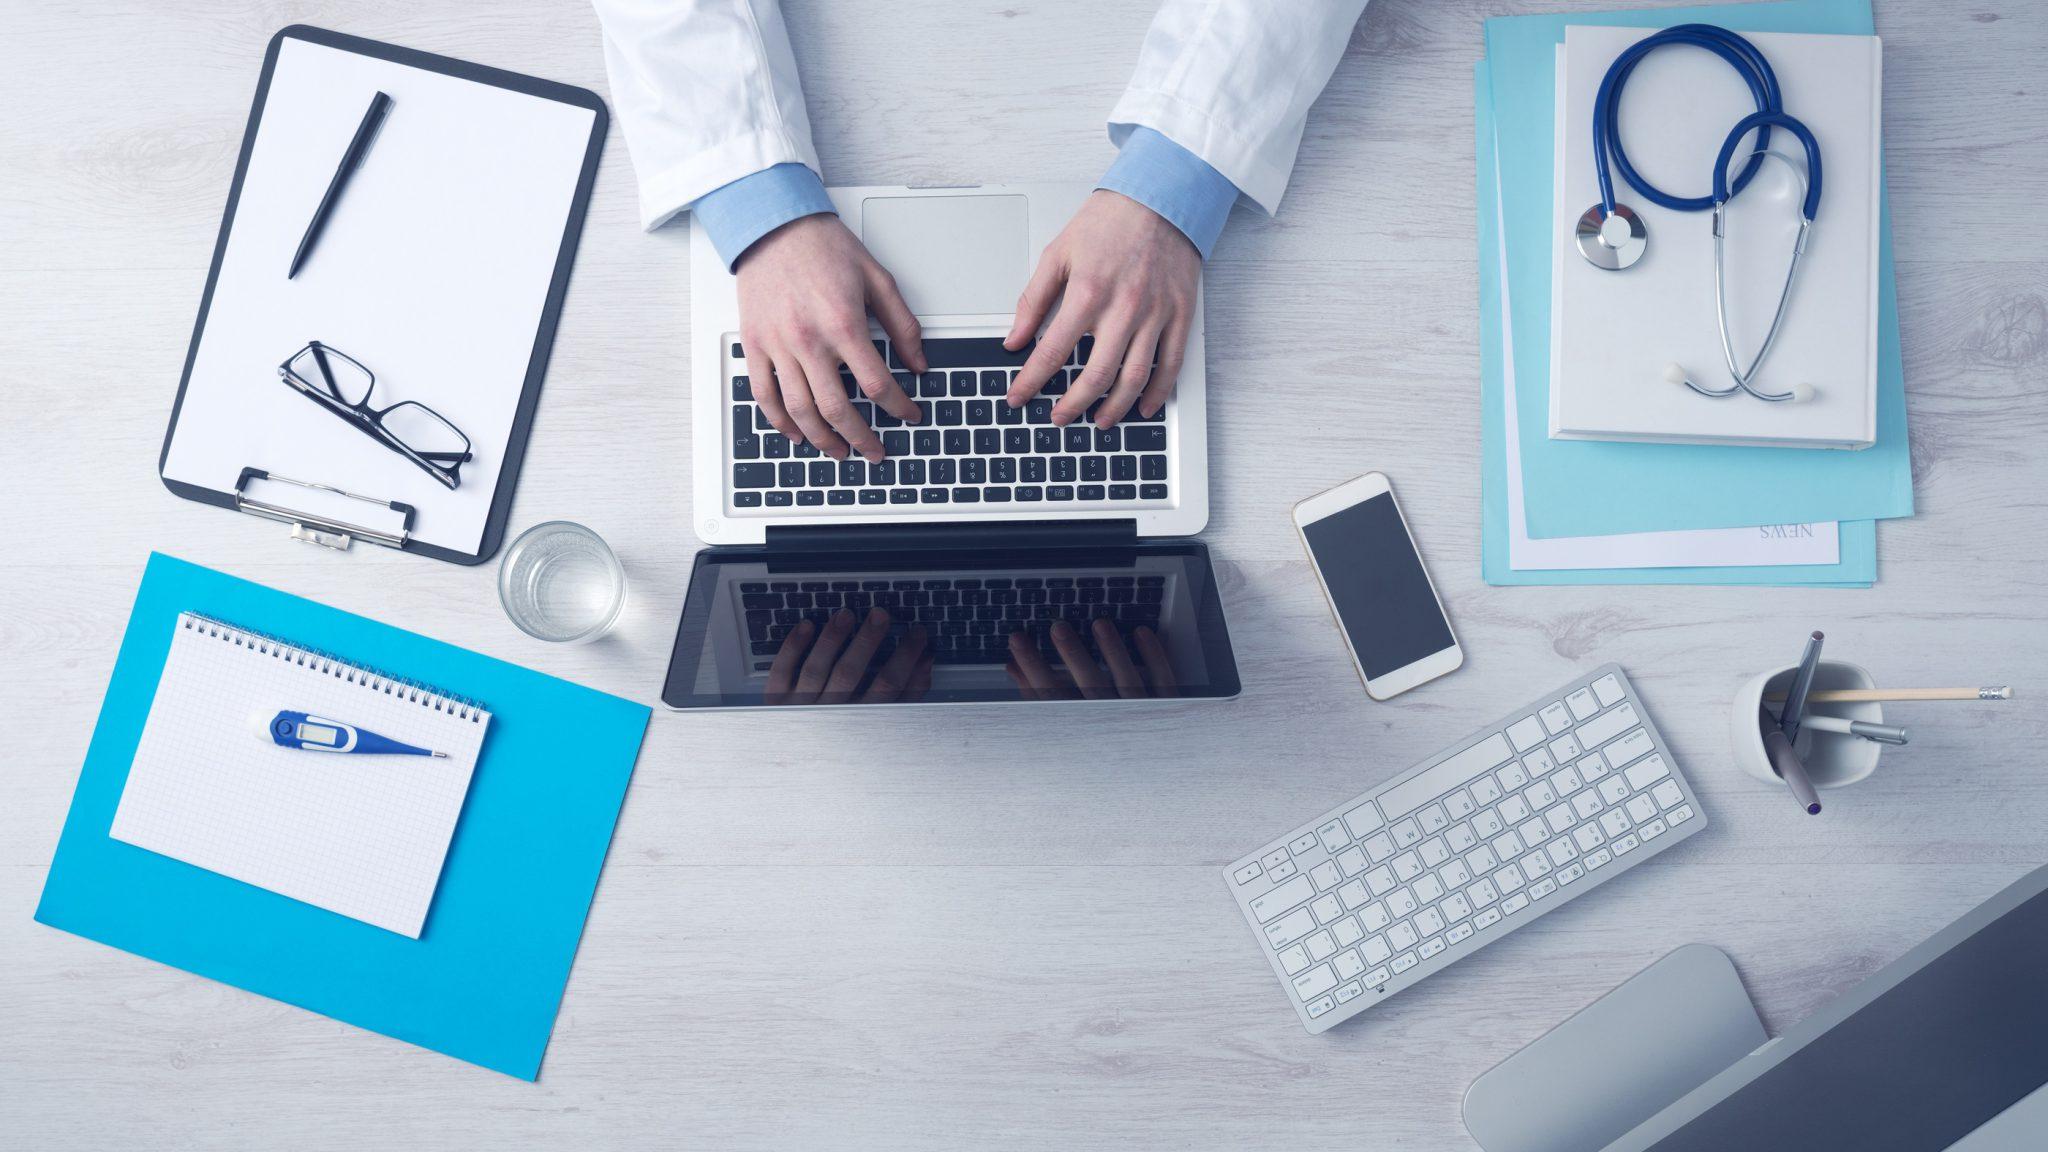 laptop-medicalequipment